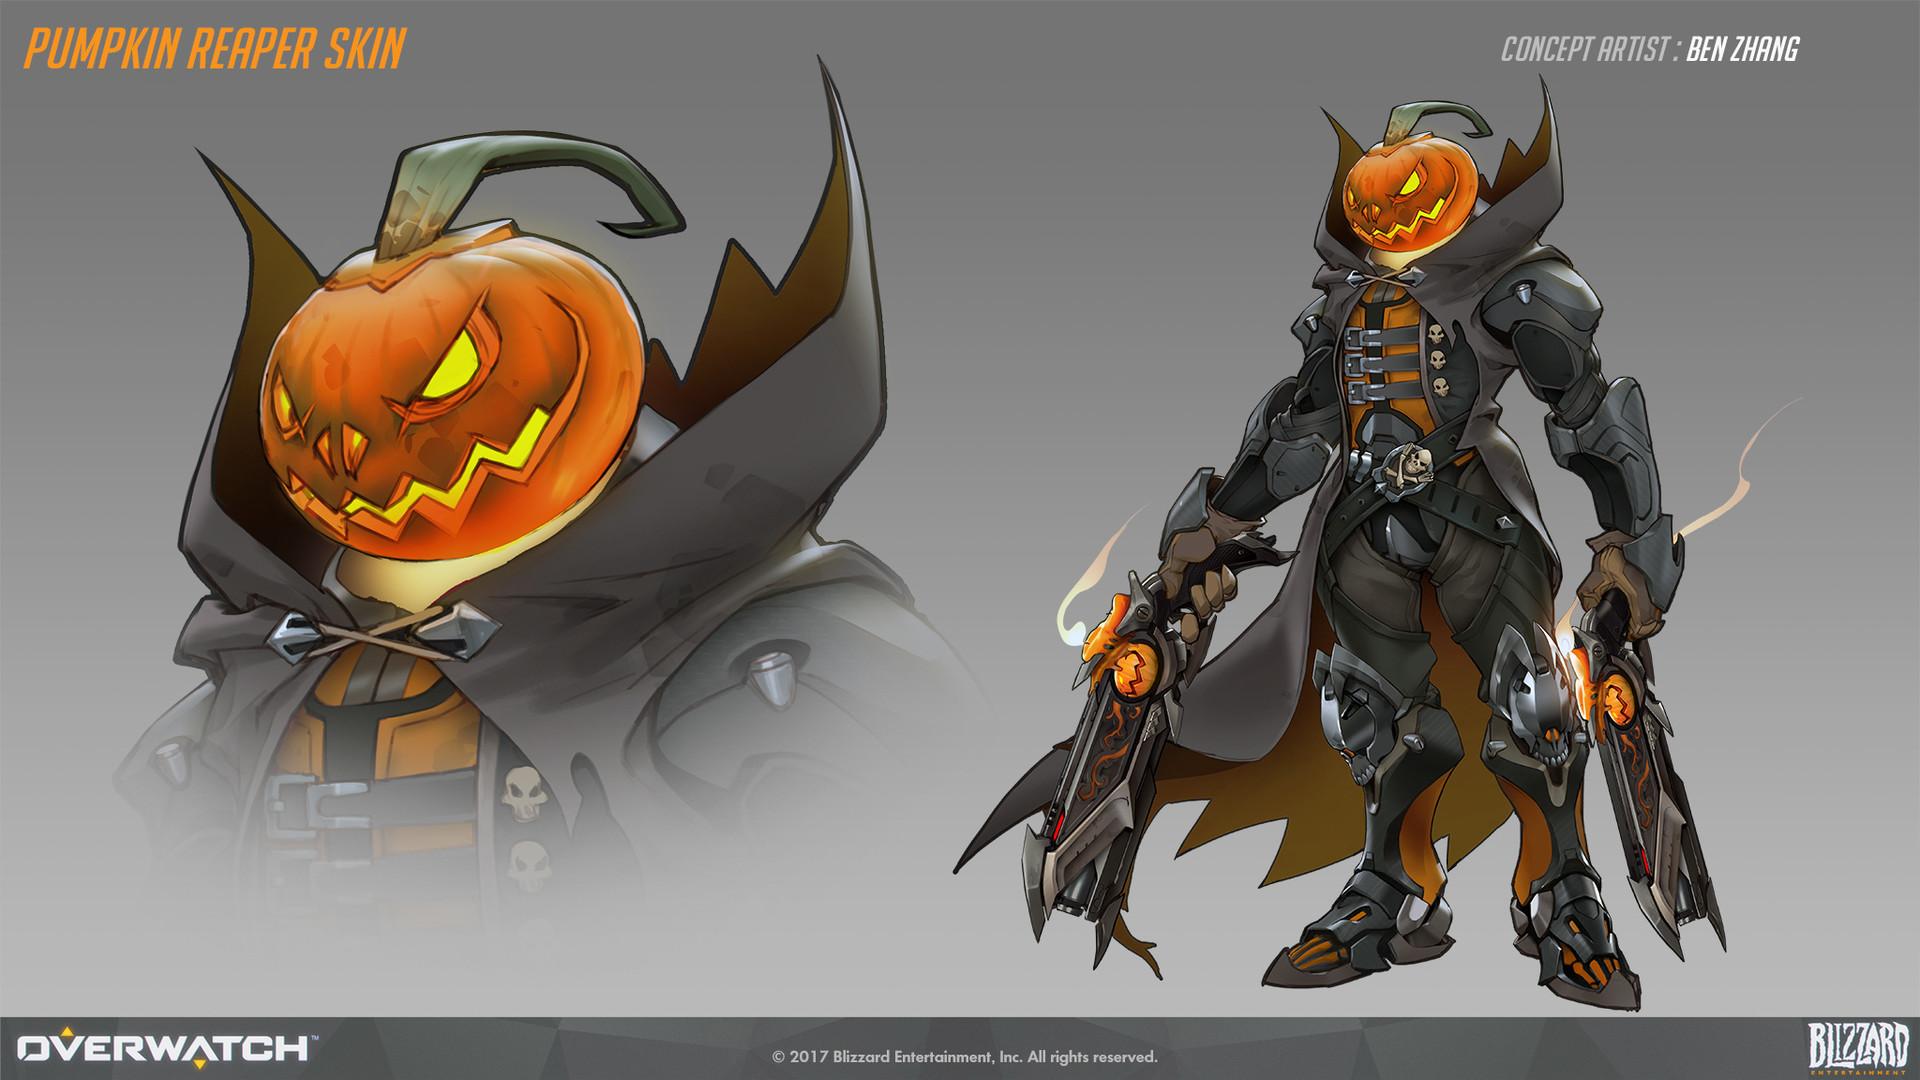 Ben zhang pumpkin reaper